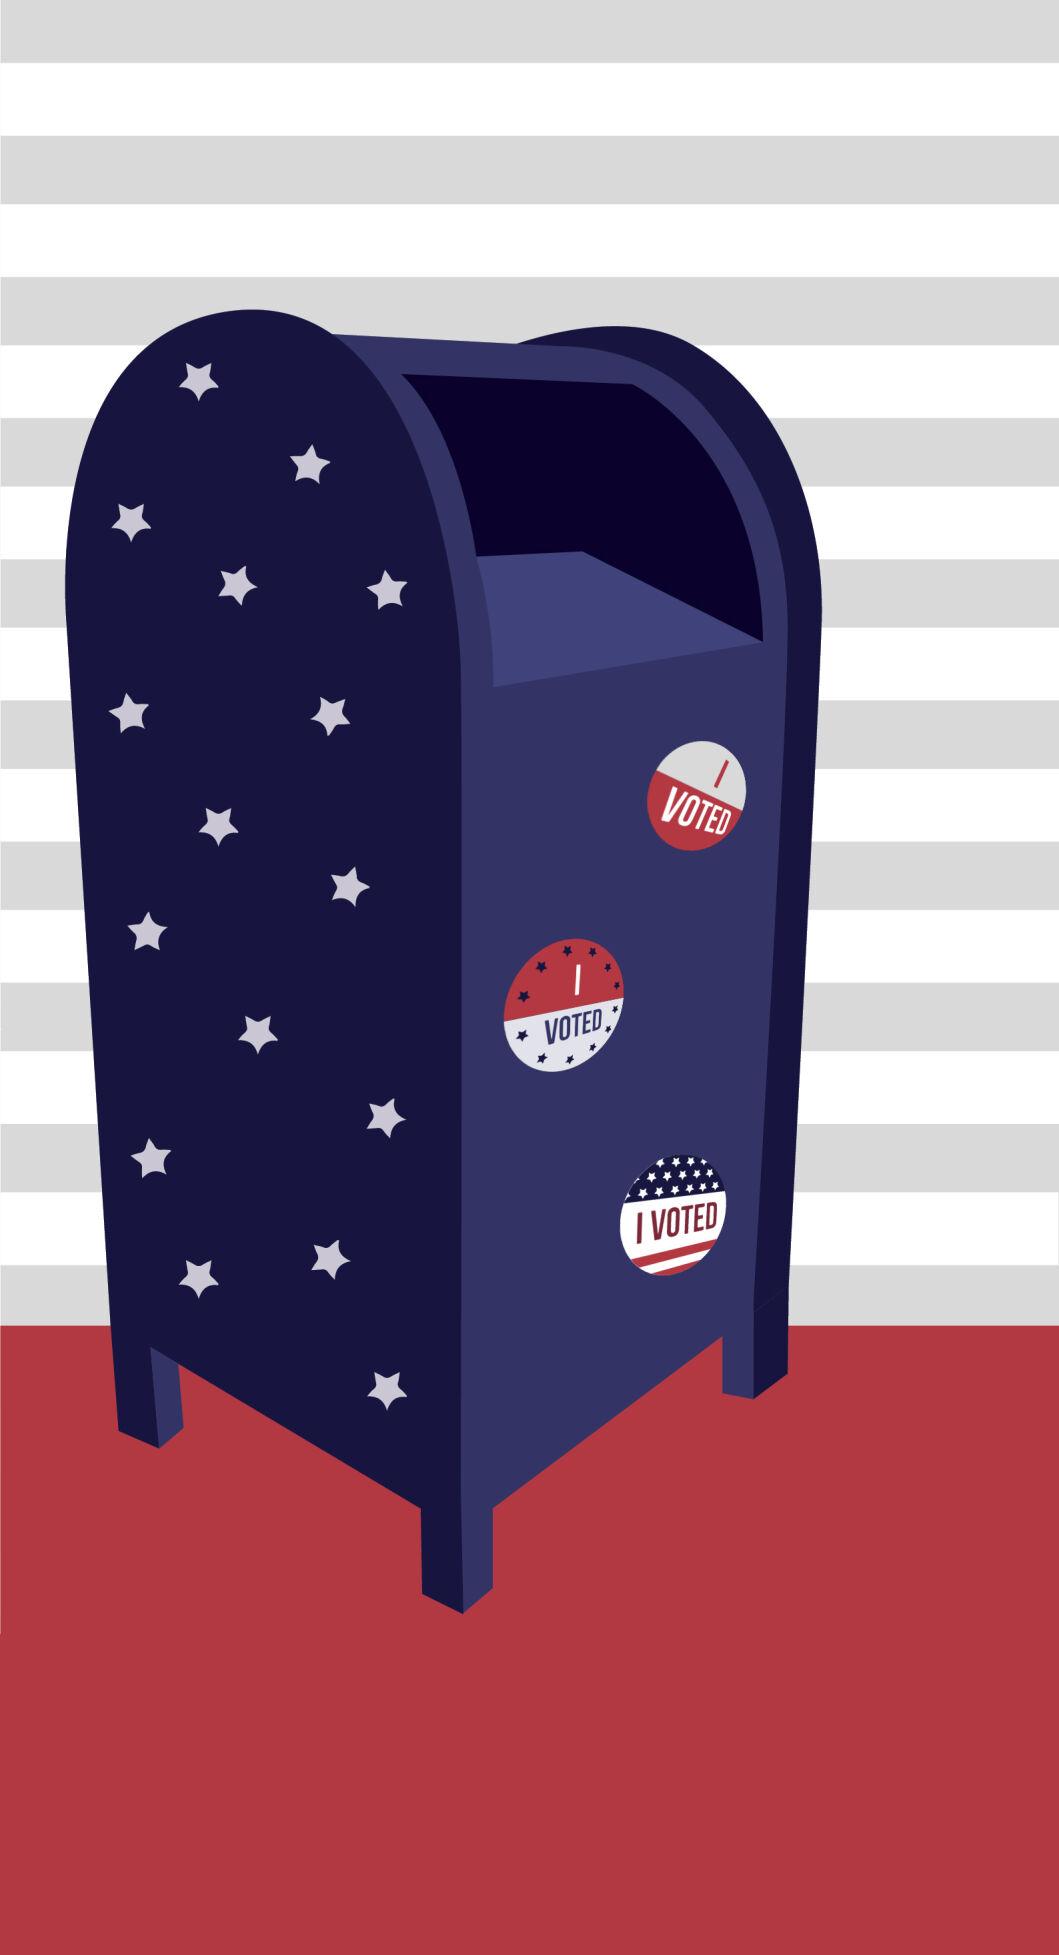 Voting Illo